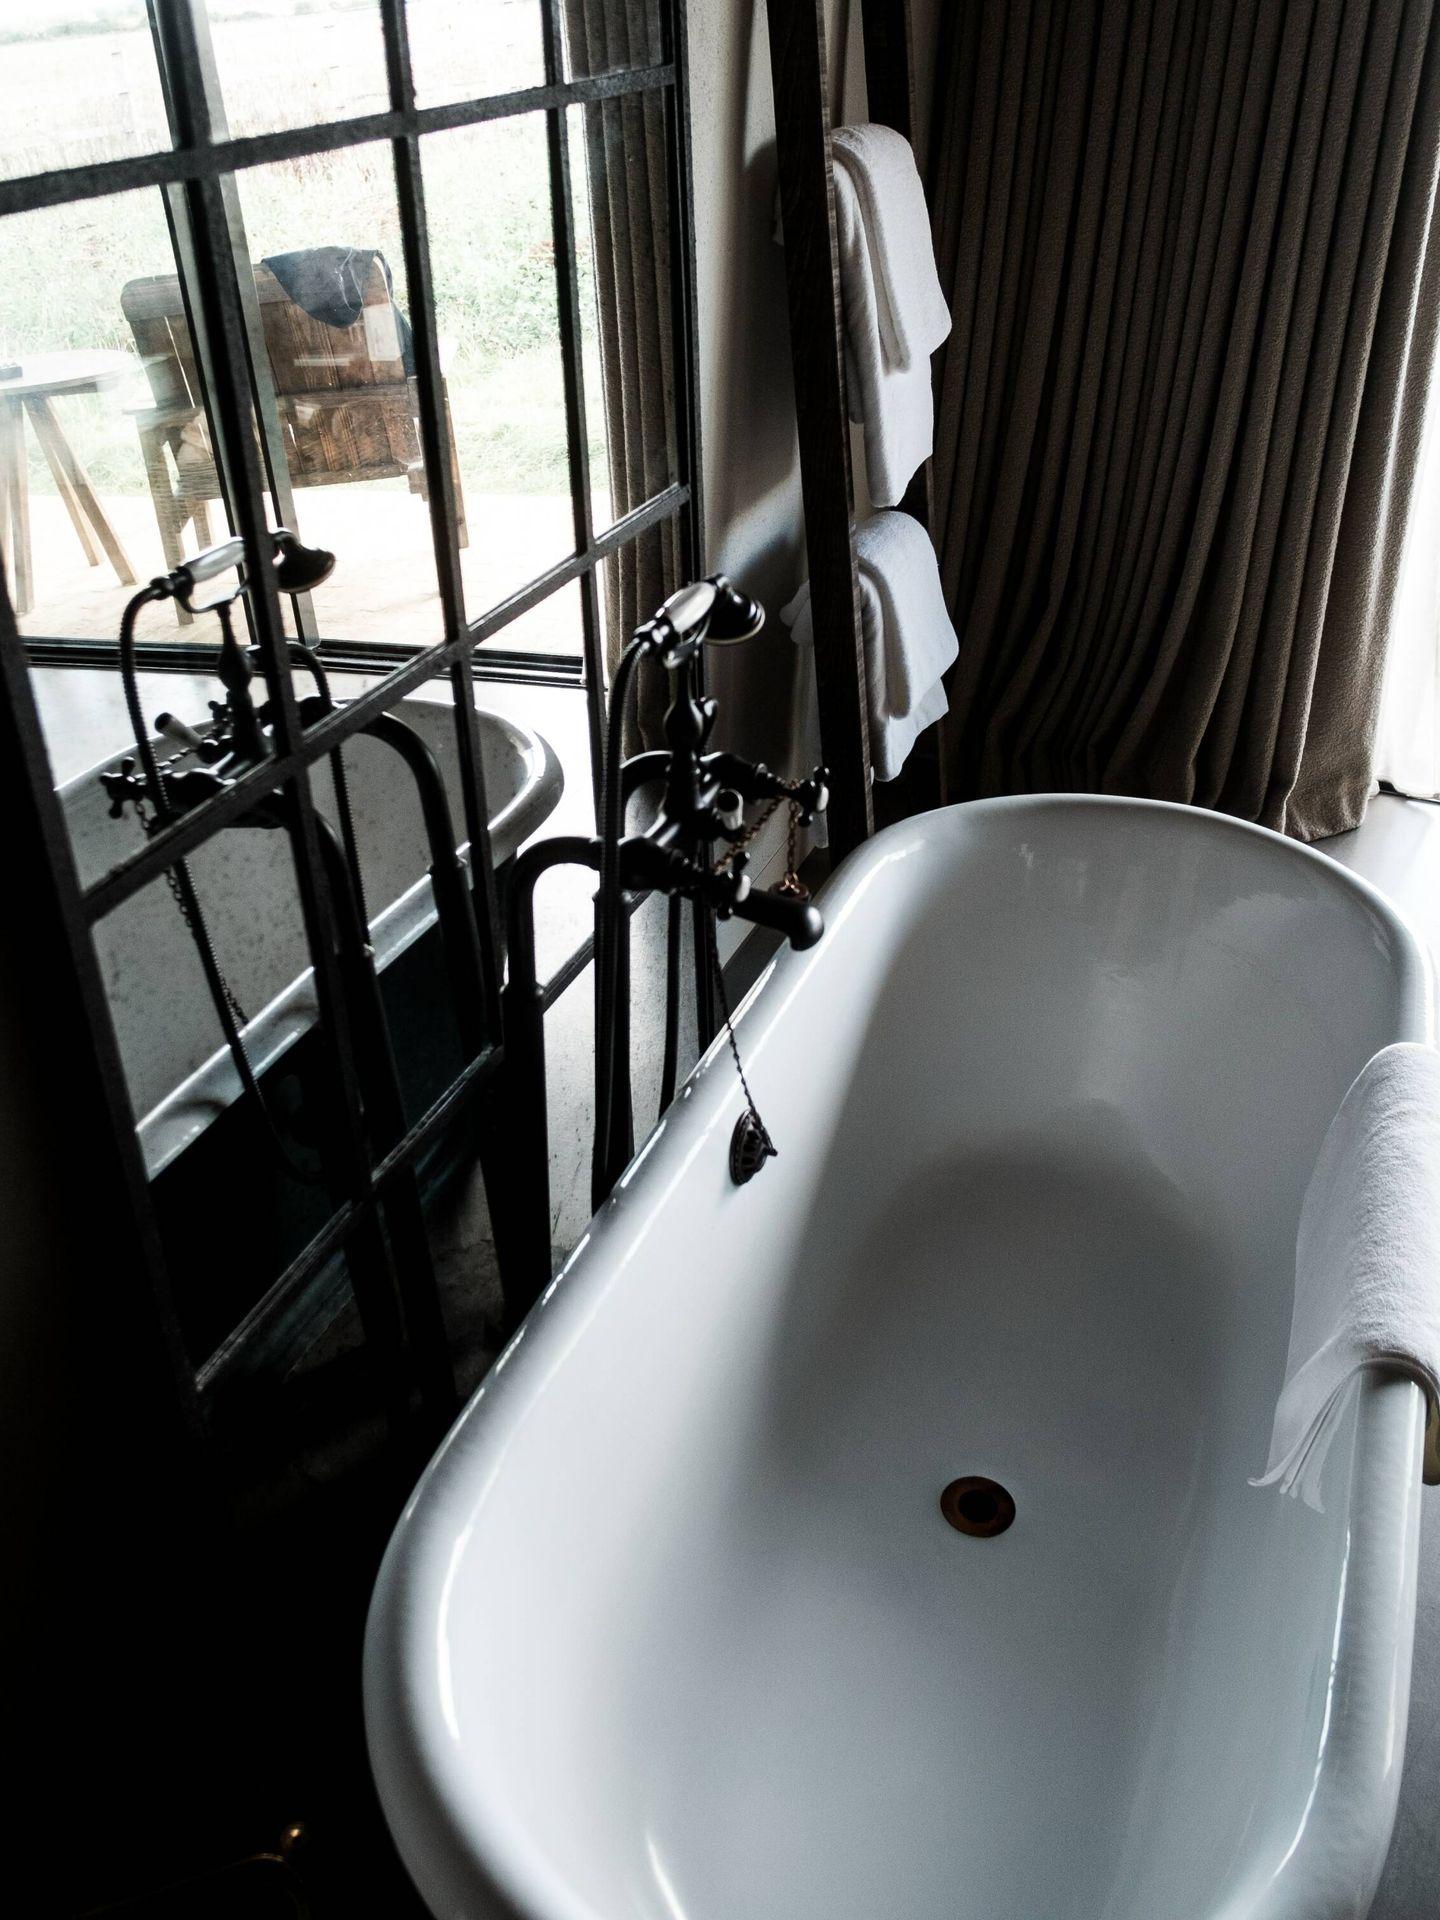 Ventajas e inconvenientes de tener bañera en el cuarto de baño. ( adison clark para Unsplash)